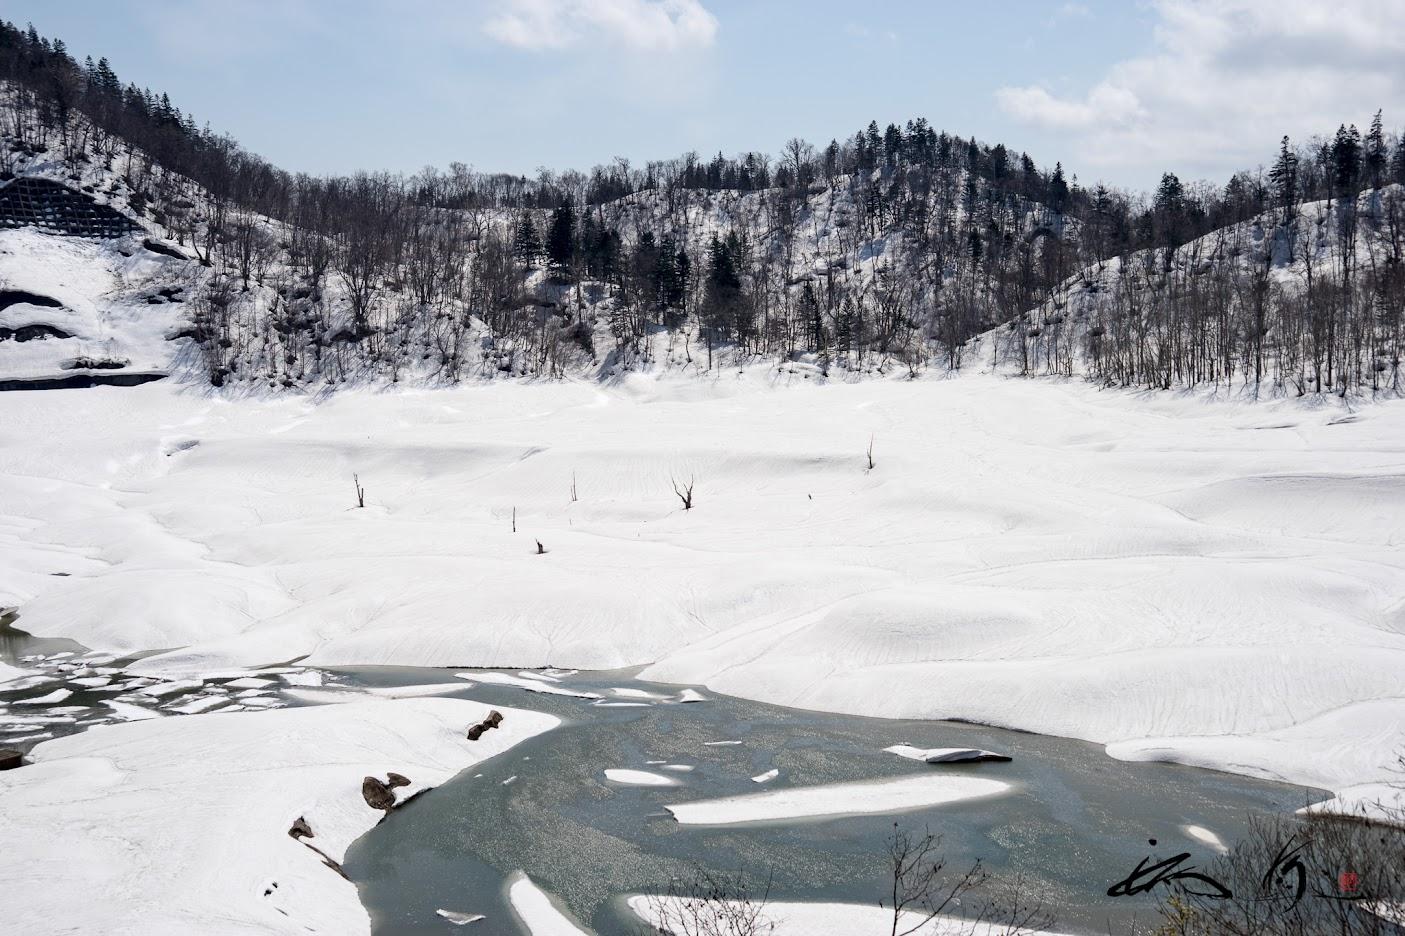 雪解けの清らかな水を湛える